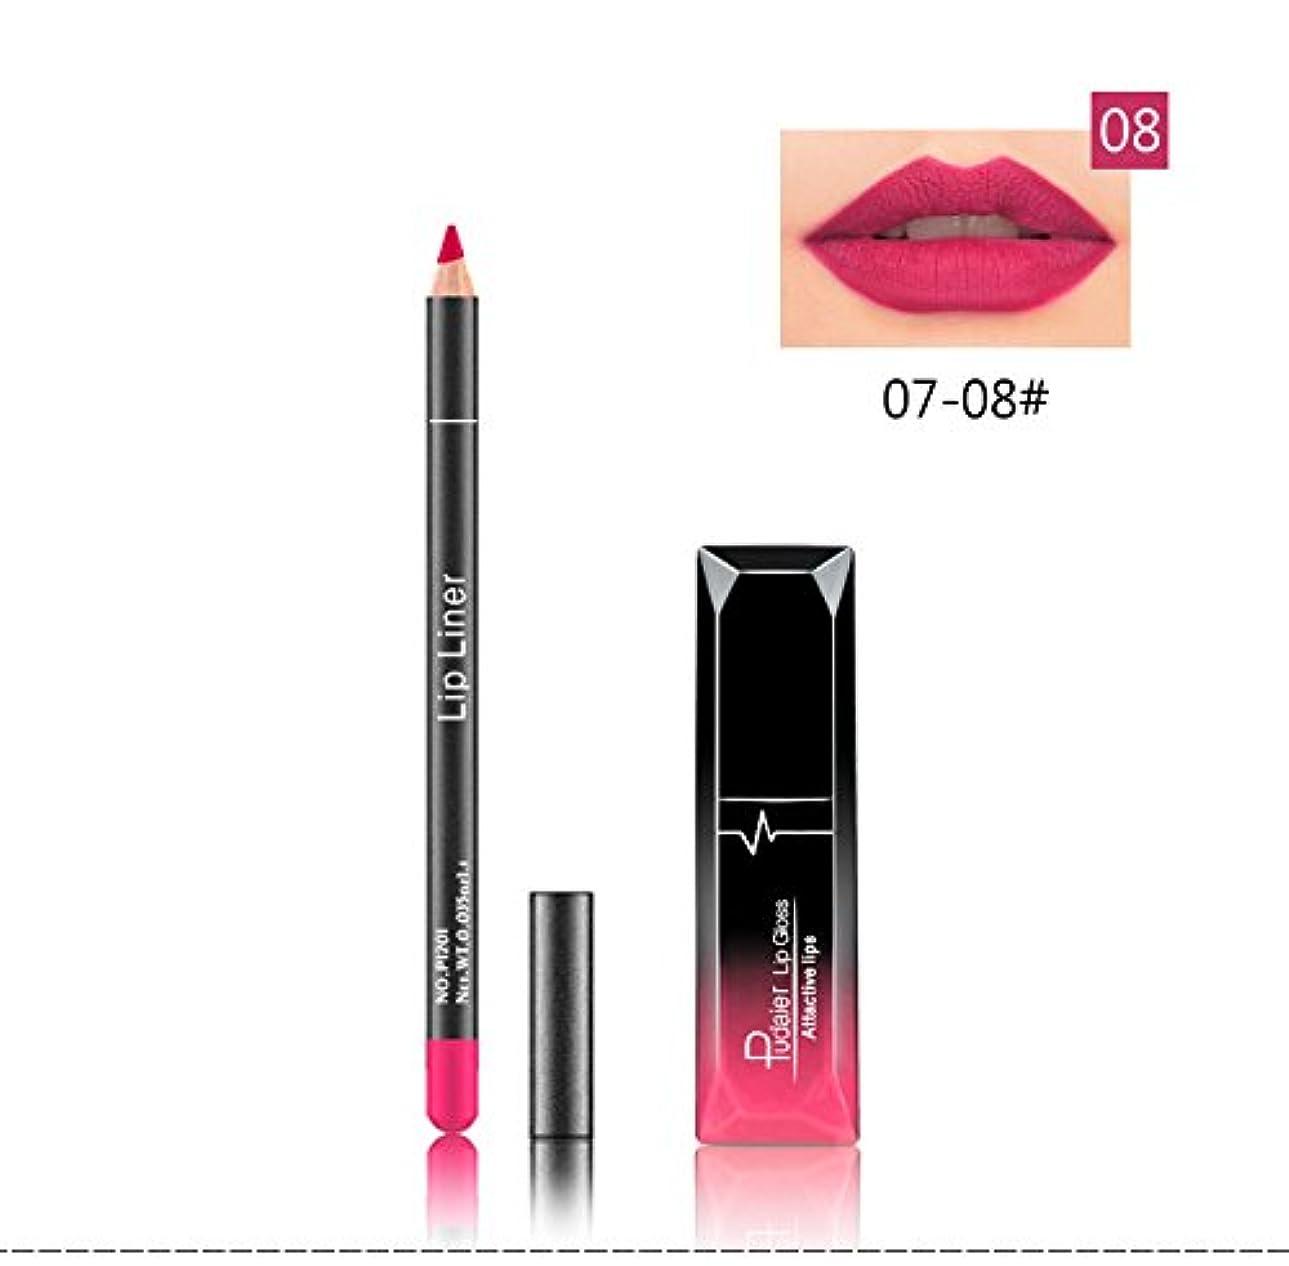 決定現れるベリ(08) Pudaier 1pc Matte Liquid Lipstick Cosmetic Lip Kit+ 1 Pc Nude Lip Liner Pencil MakeUp Set Waterproof Long Lasting Lipstick Gfit